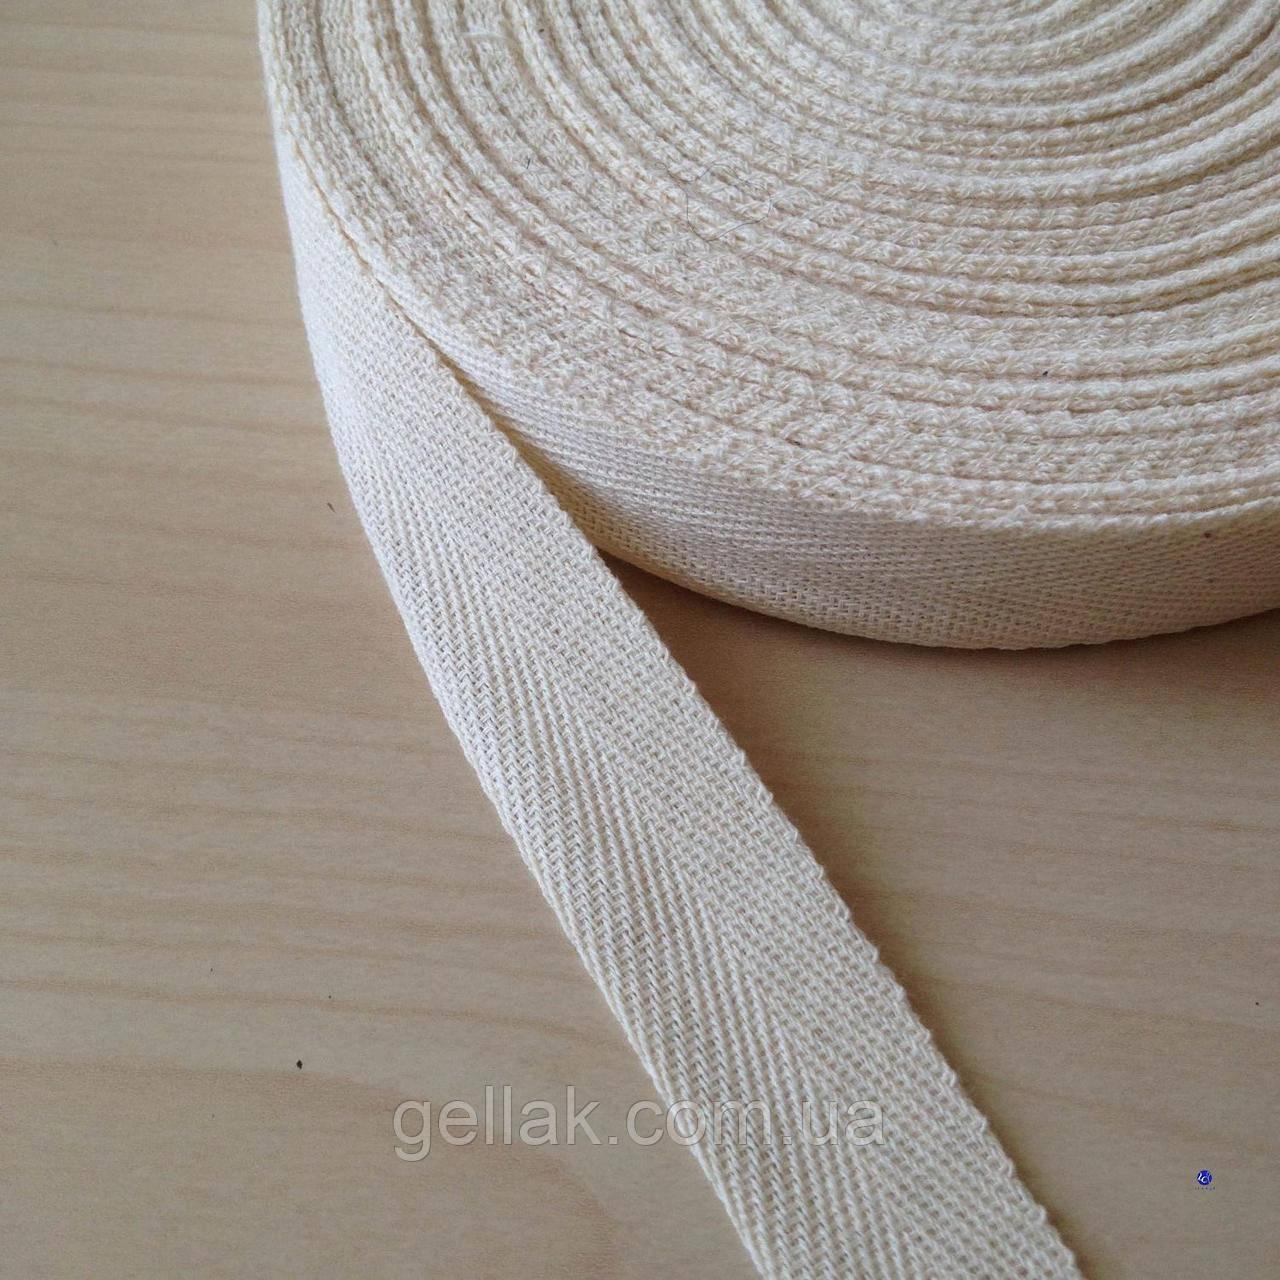 Киперная лента 20 непромокаемая ткань для матрасов купить